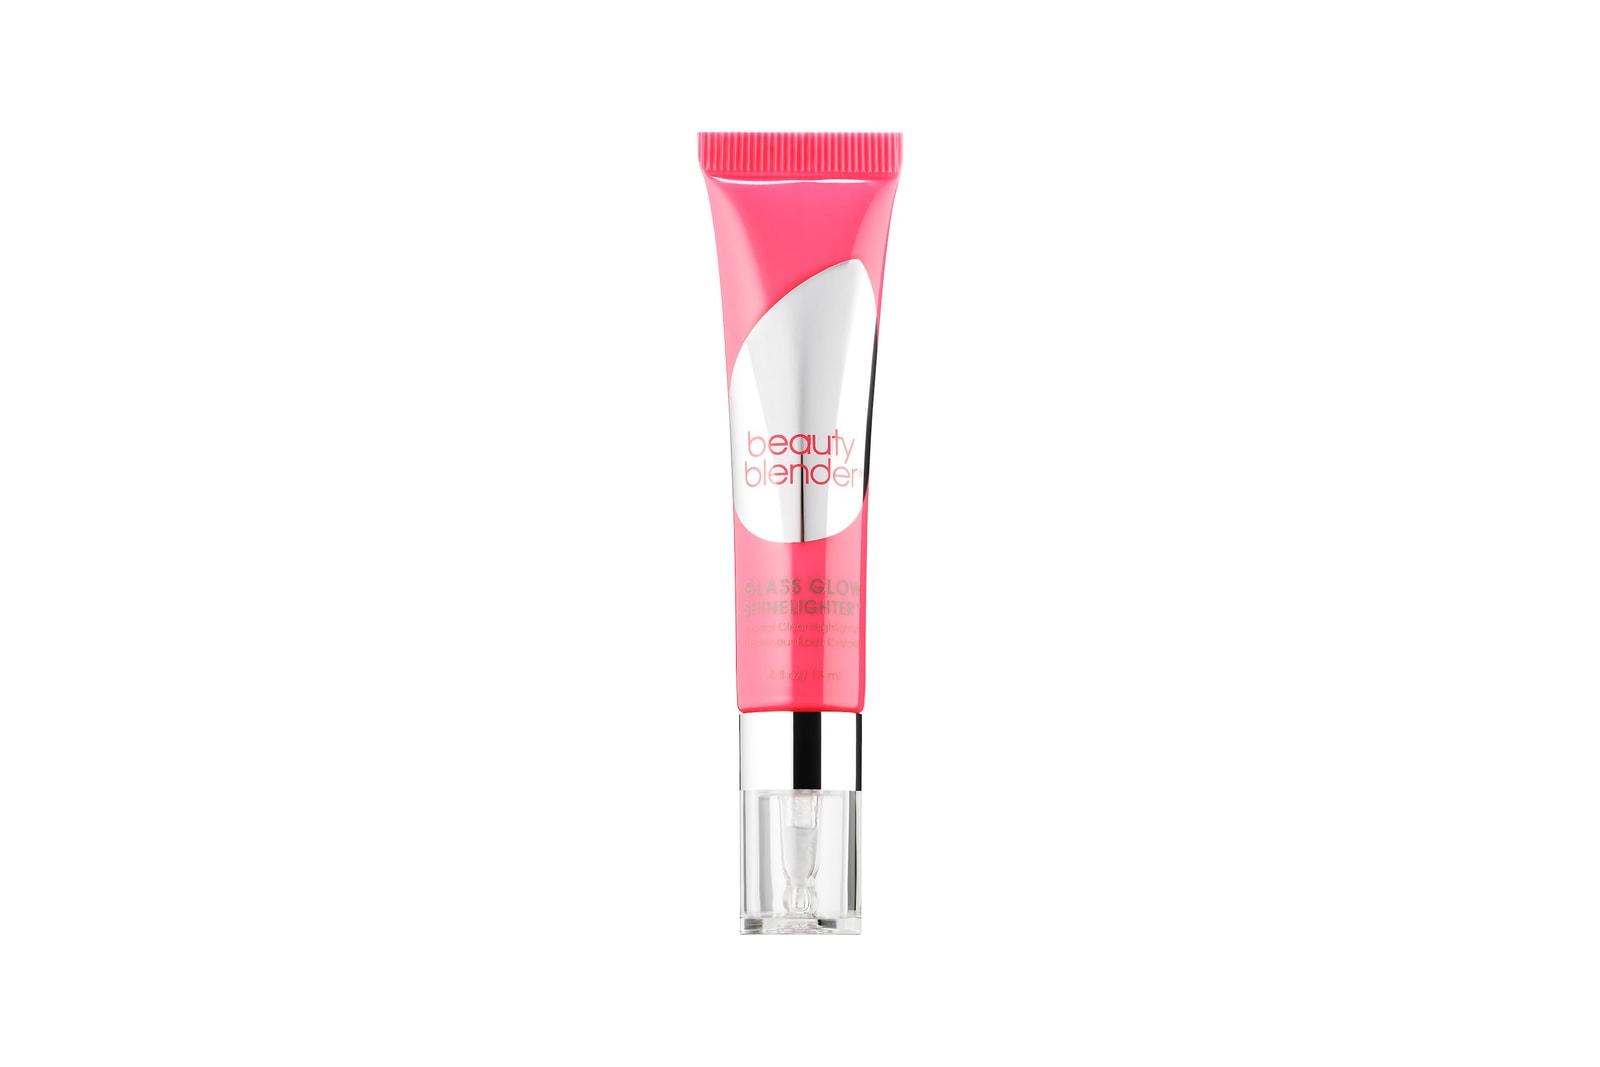 Gucci Beauty Eclat de Beaute Effet Lumiere All Over Face Lip Gloss Gel